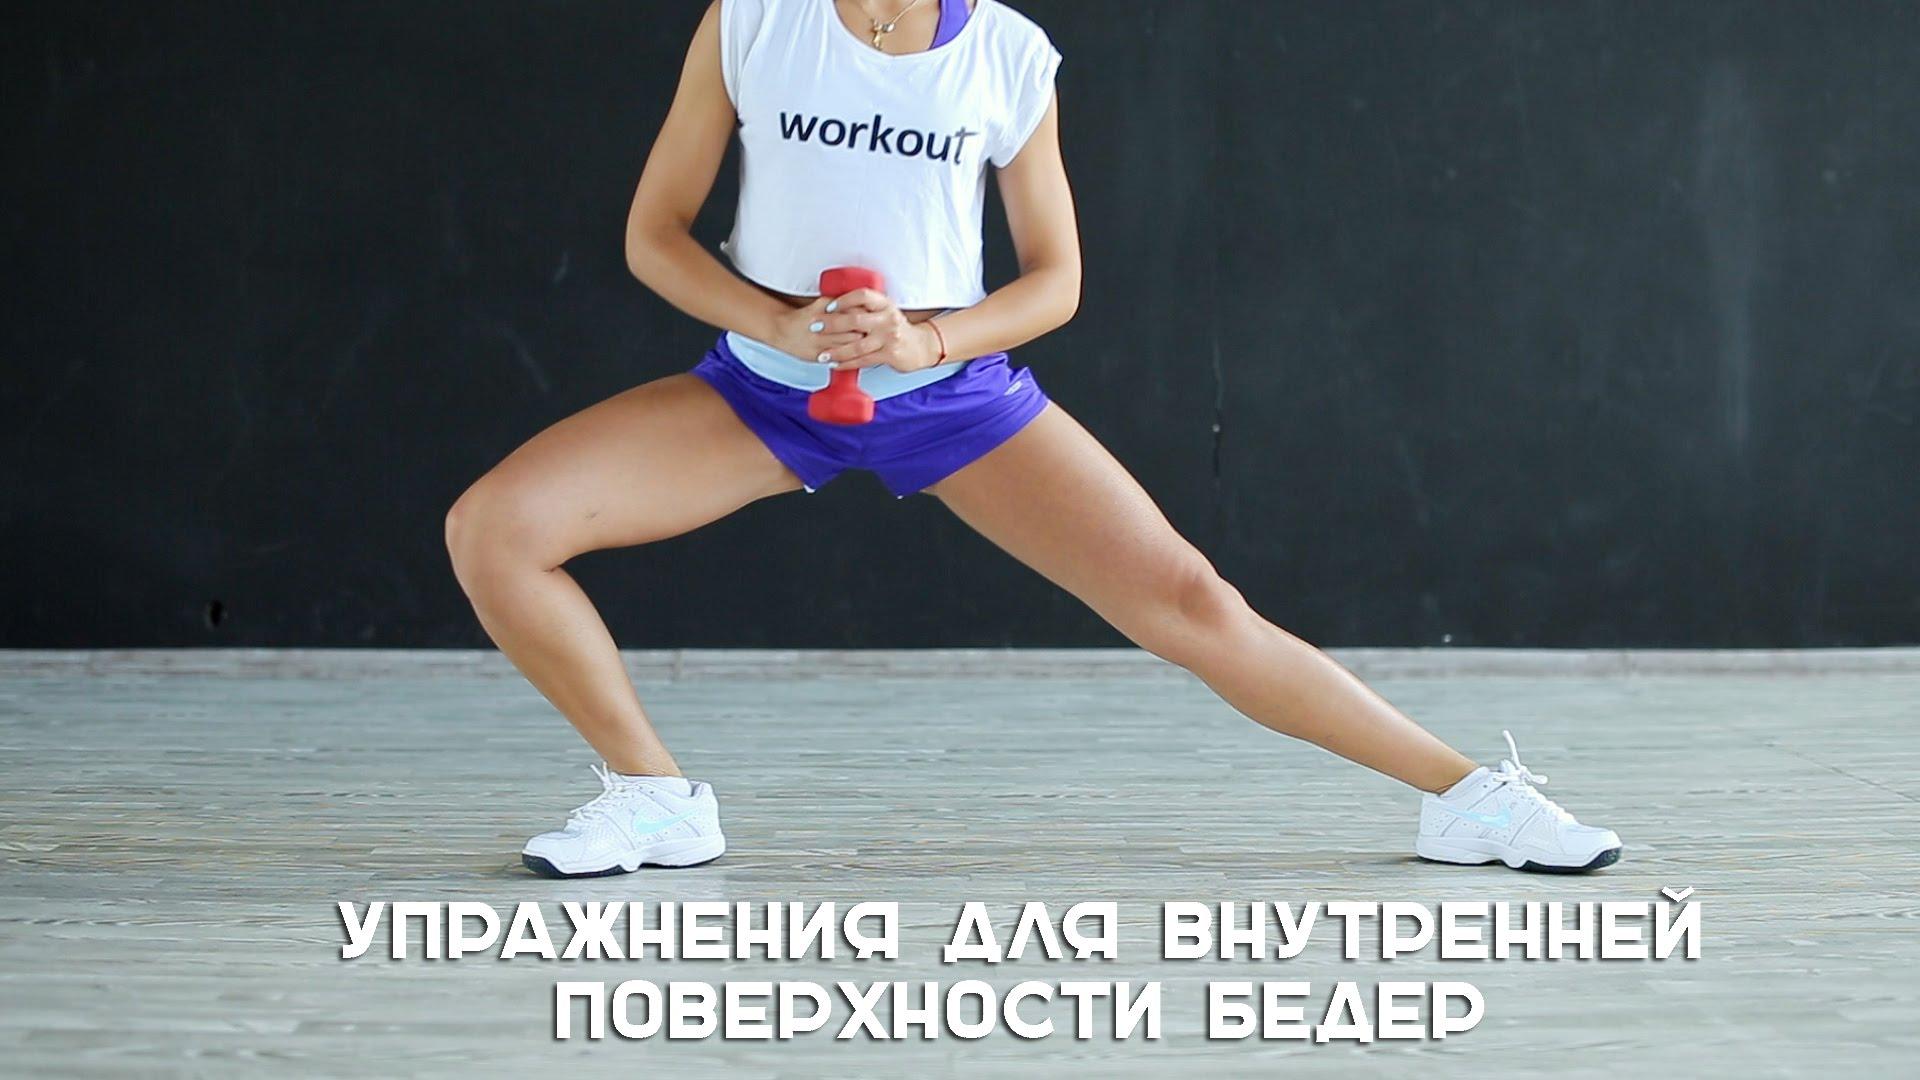 Упражнения для внутренней части бедра!